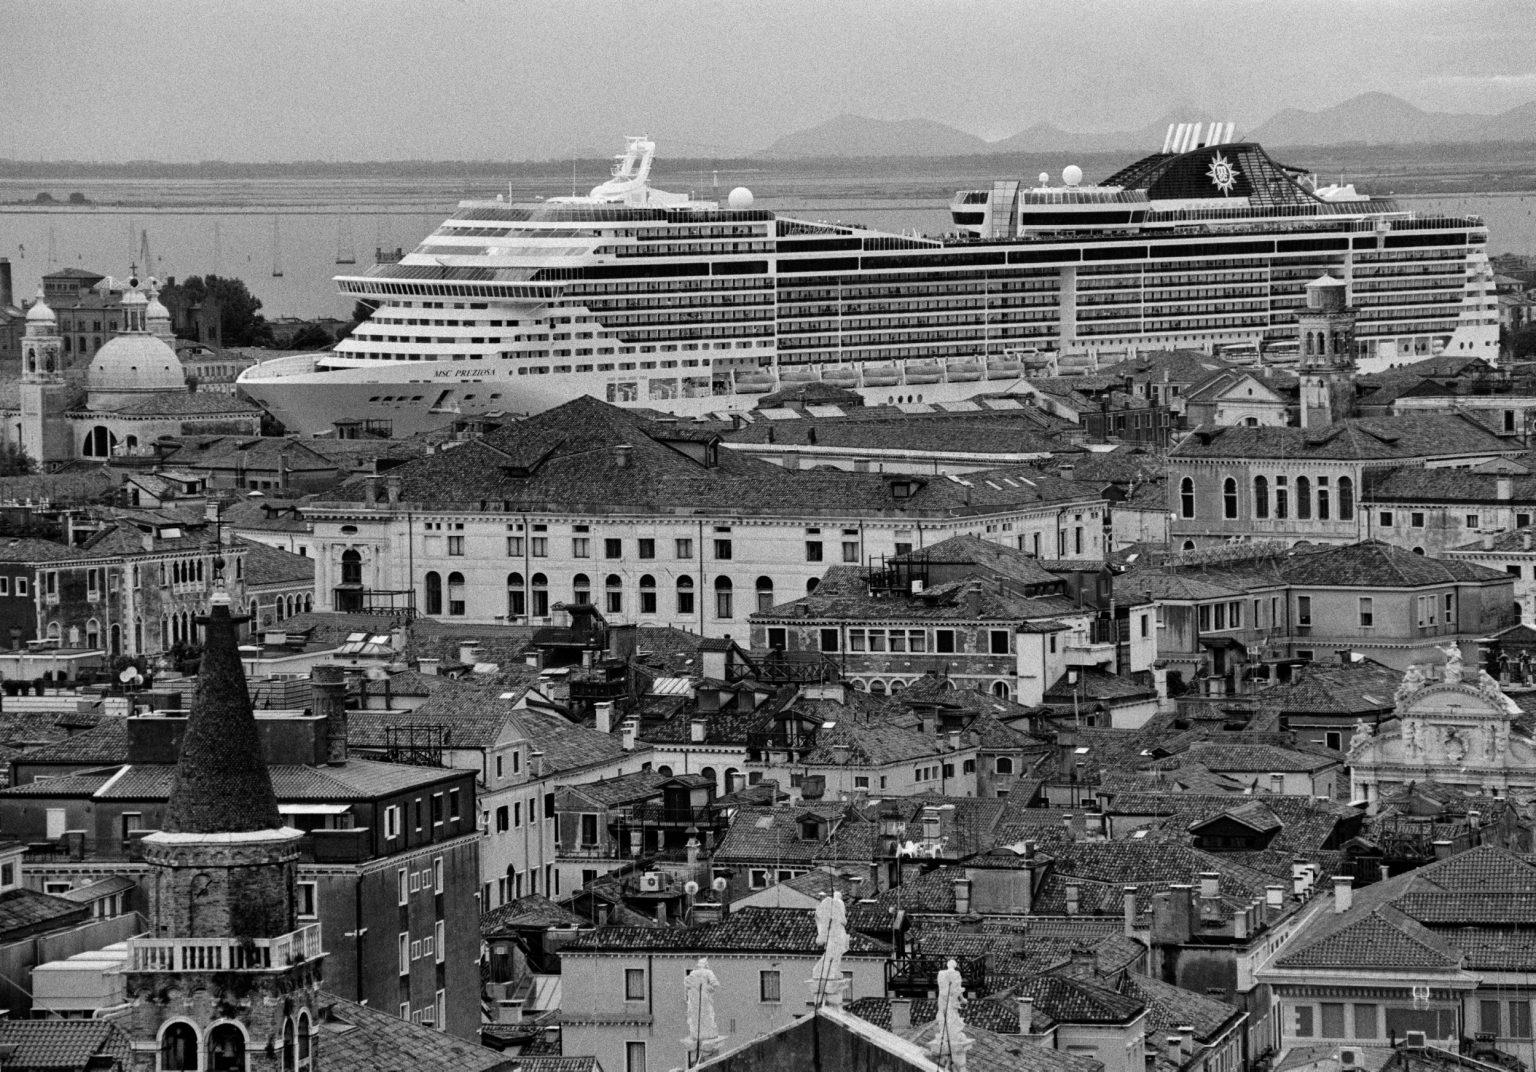 """Venice, August 2013 - Big cruise liners invade the city - MSC Preziosa cruise ship passing by the old town ><  Venezia, agosto 2013 - Le grandi navi da crociera invadono la città - La MSC Preziosa passa davanti al centro storico<p><span style=""""color: #ff0000""""><strong>*** SPECIAL   FEE   APPLIES ***</strong></span></p>*** SPECIAL   FEE   APPLIES *** *** Local Caption *** 00527934"""